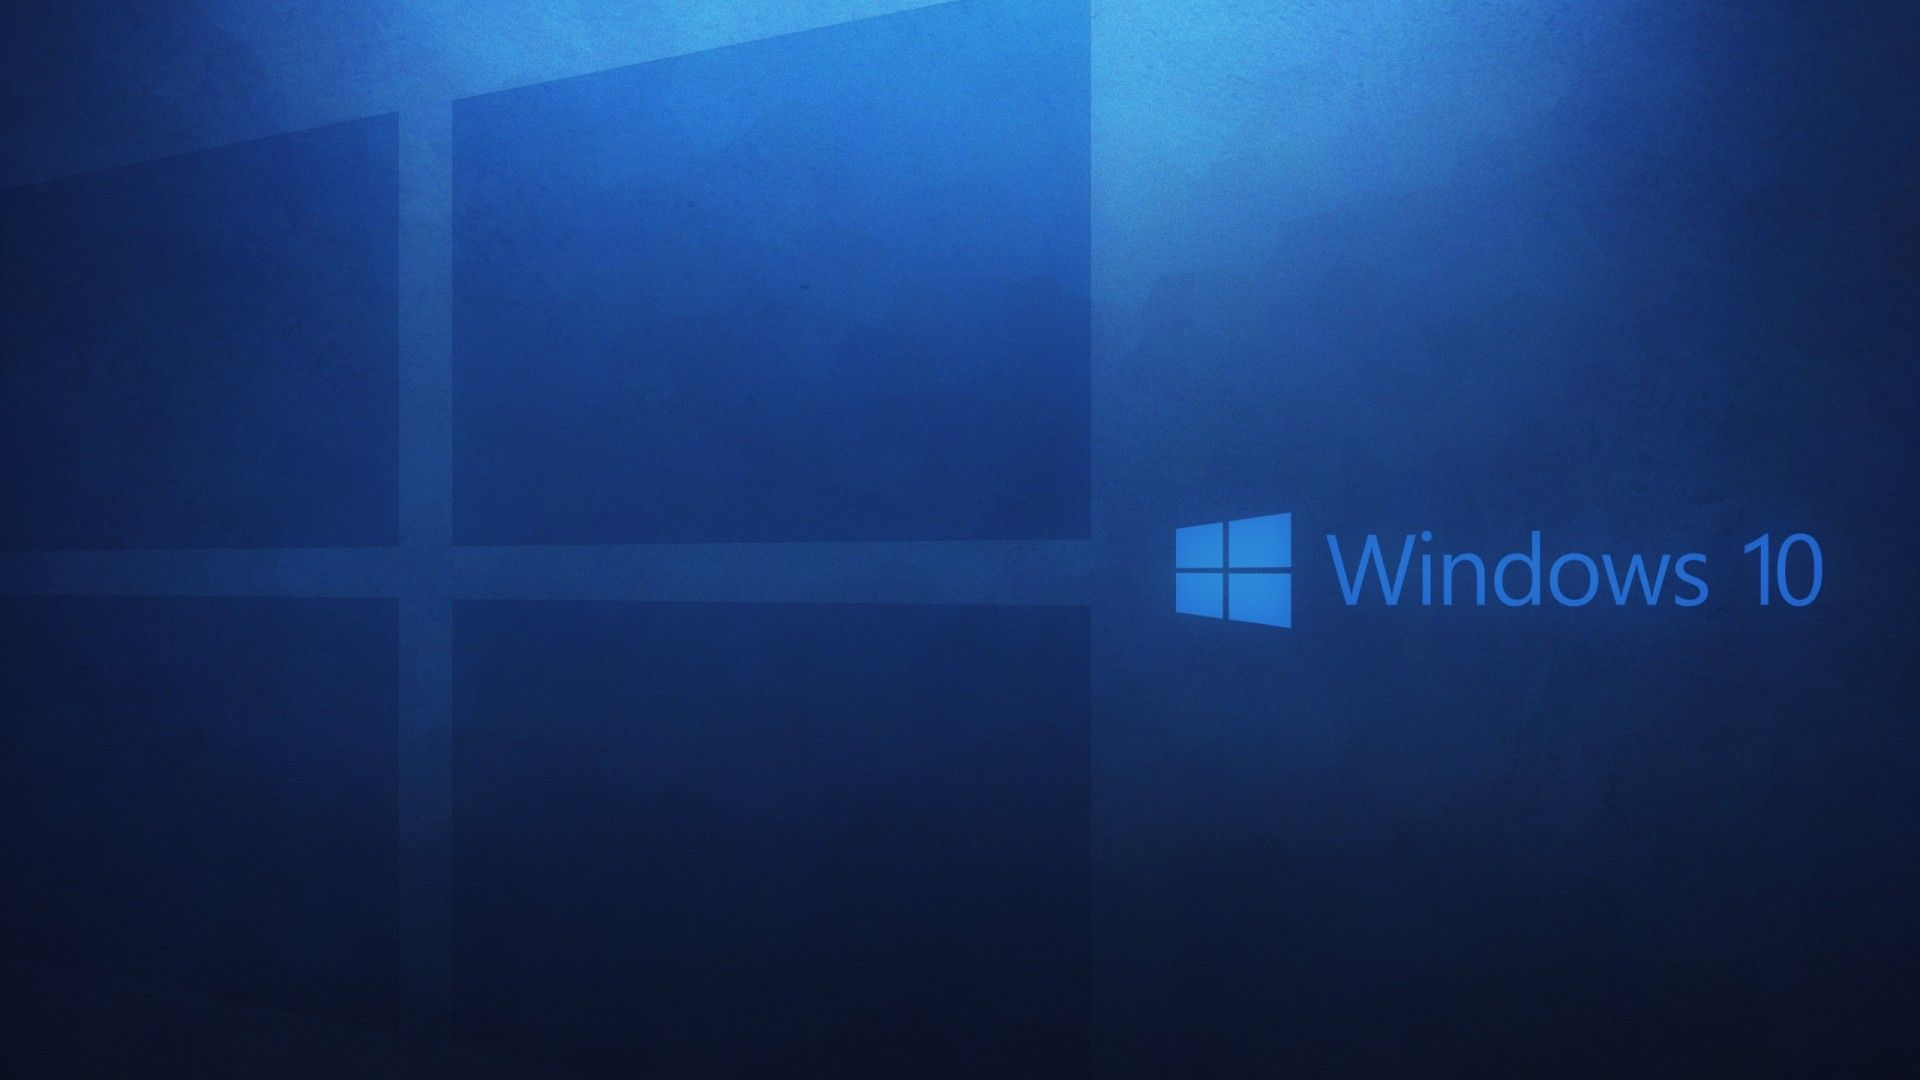 Widescreen Hd Windows 10 Wallpaper 64 Images Wallpaper